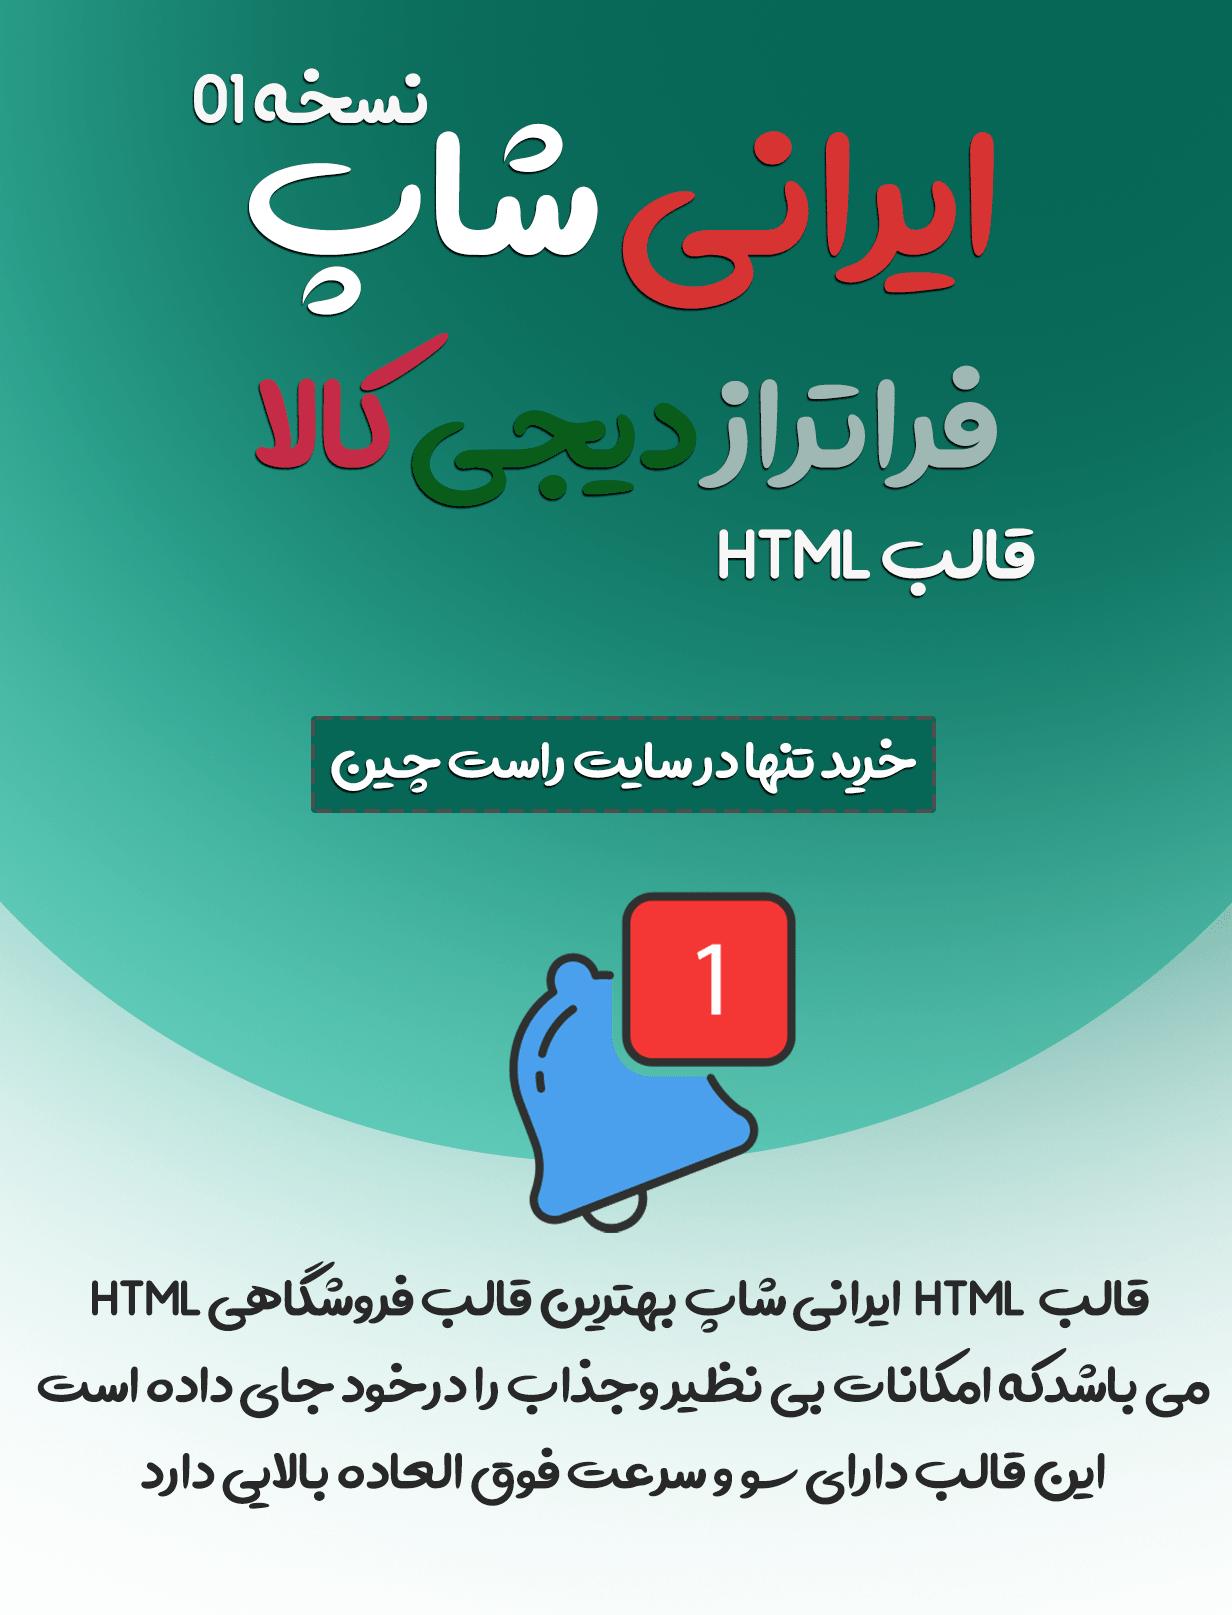 قالب HTML ایرانی شاپ پوسته فروشگاه حرفه ای